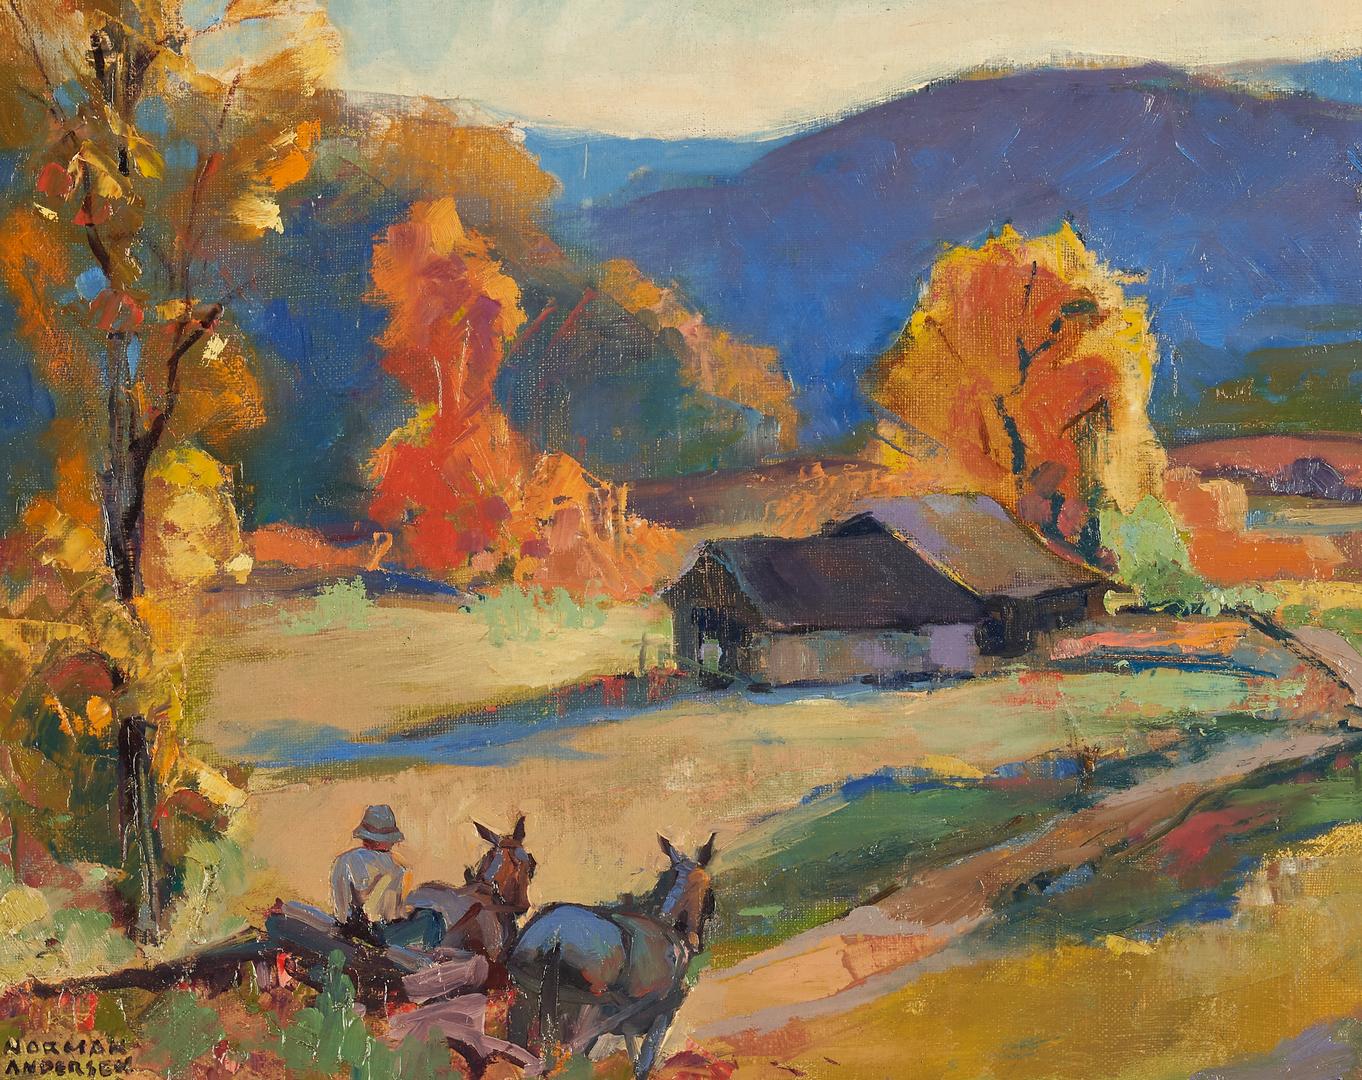 Lot 751: Norman Anderson O/C, Farmhouse in Autumn Landscape